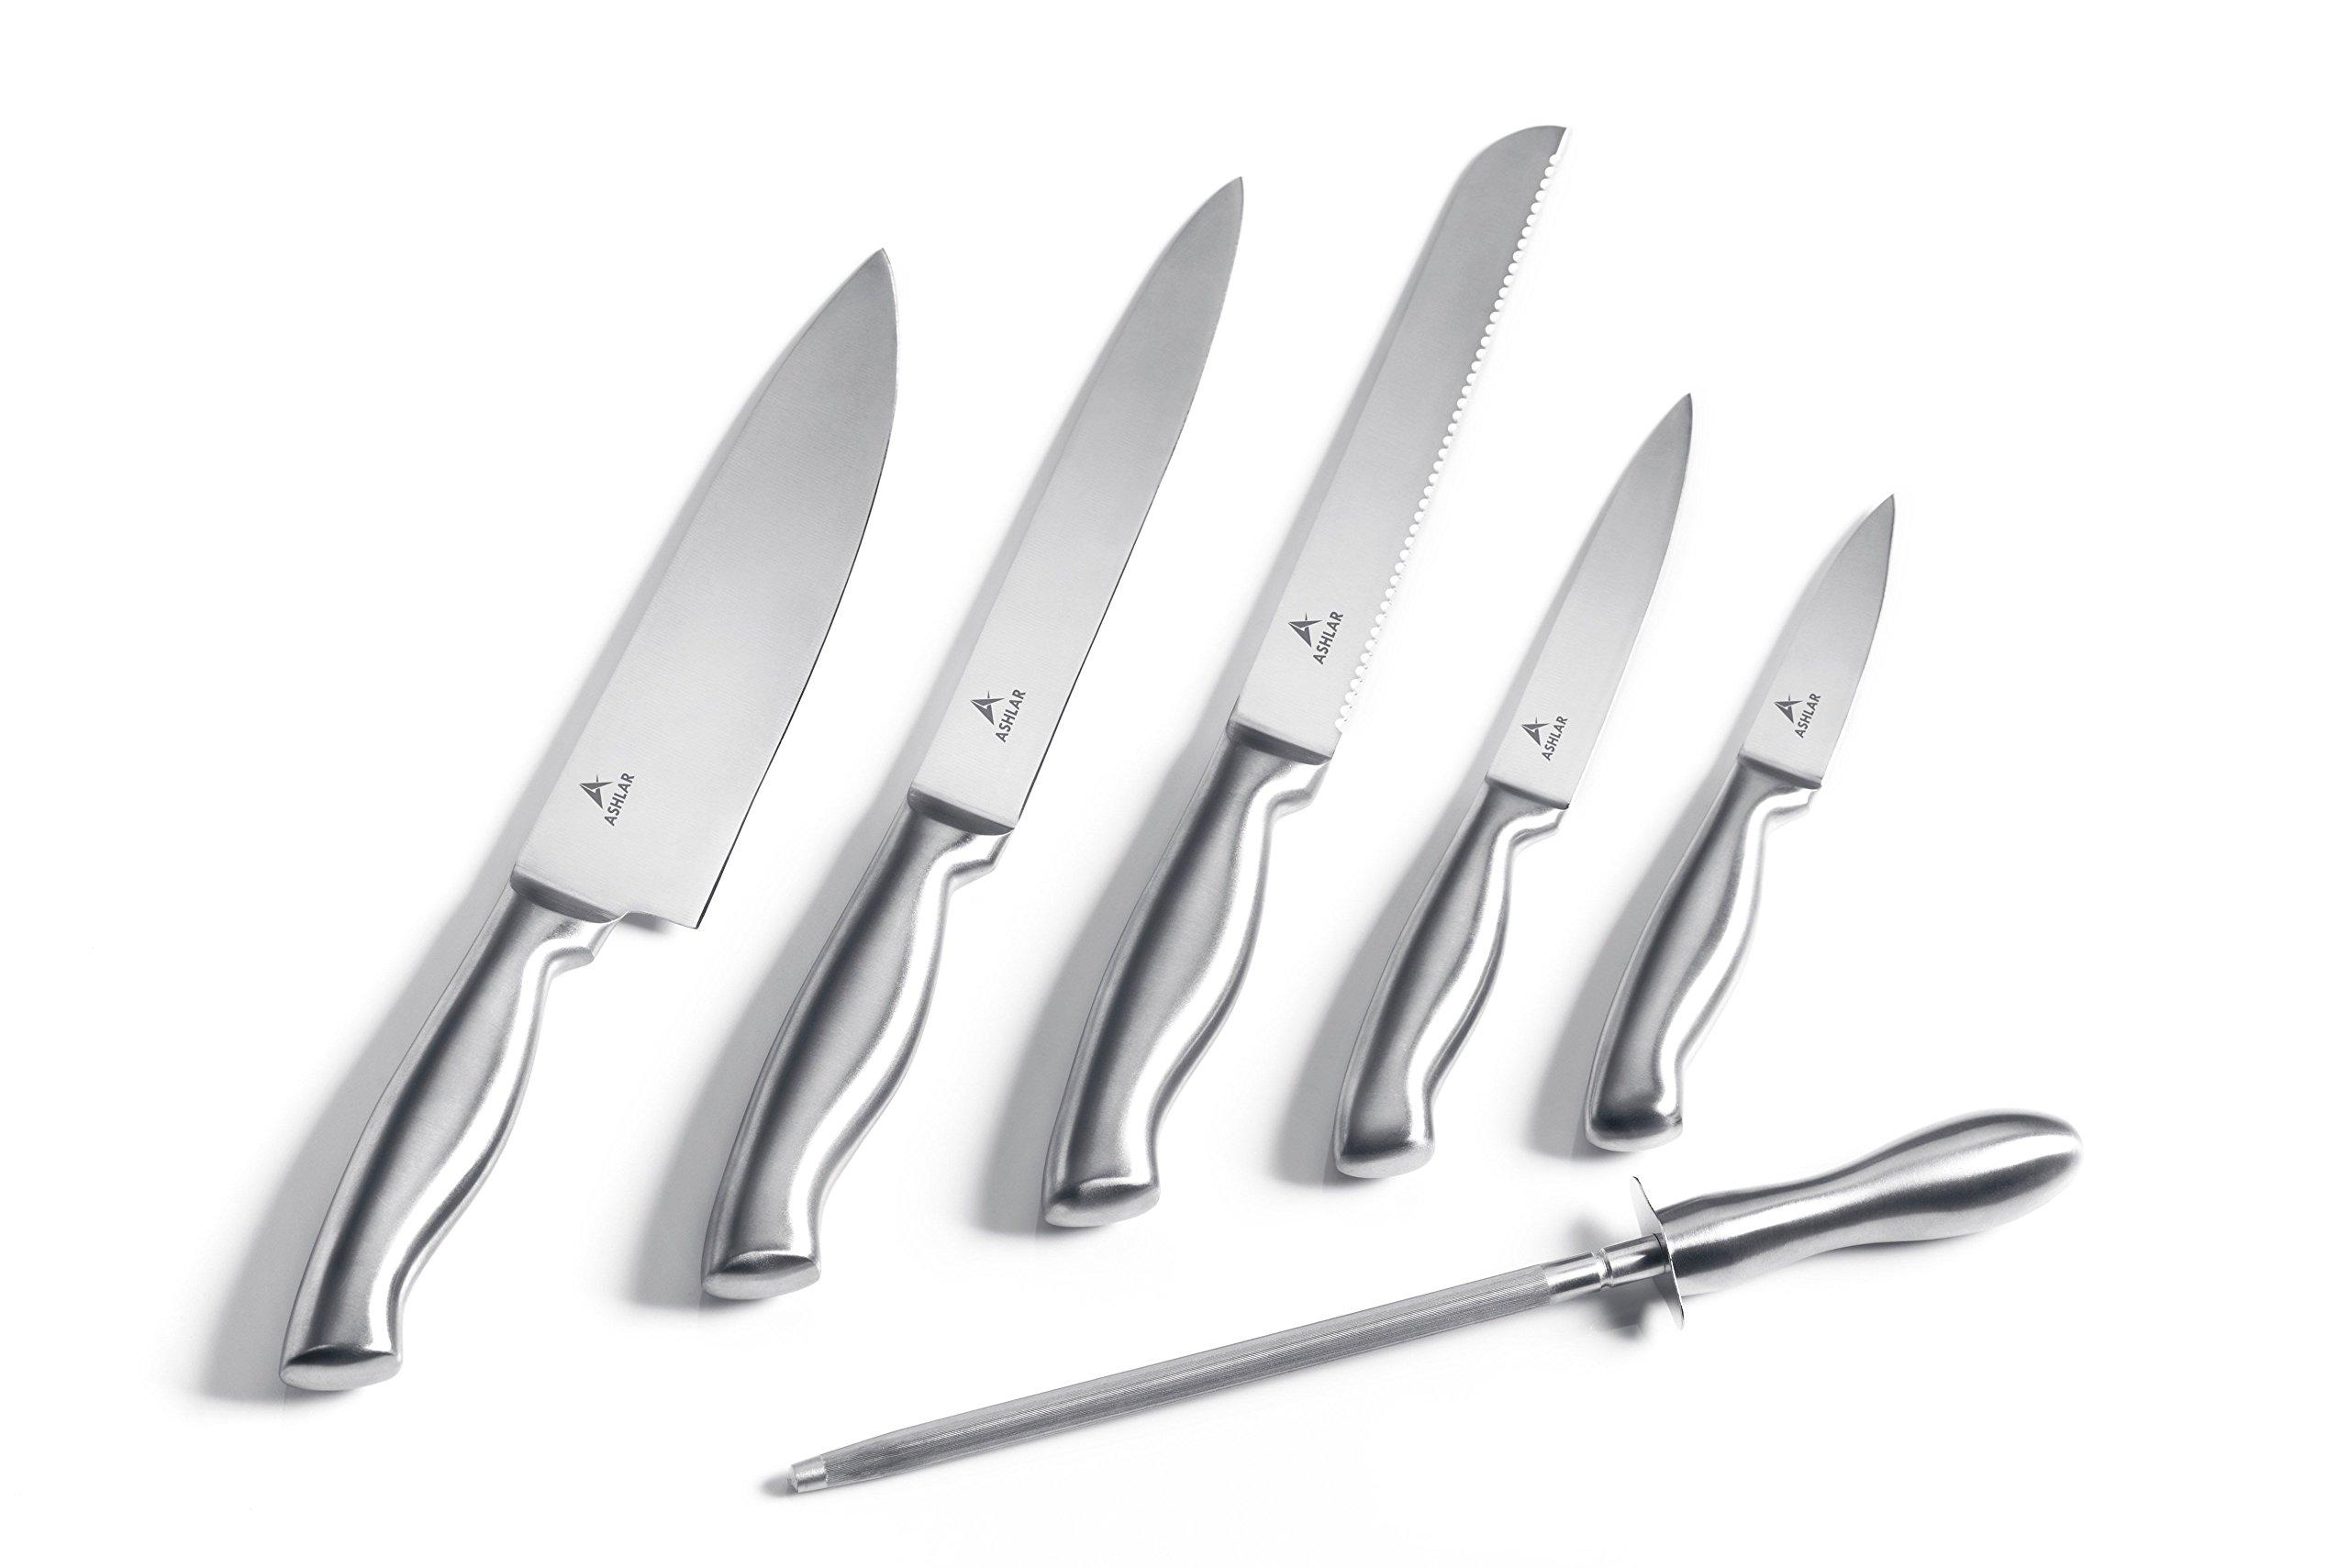 Kitchen Knives - Stainless Steel Dishwasher Safe Set of 5 Knives plus Rod Sharpener by Ashlar